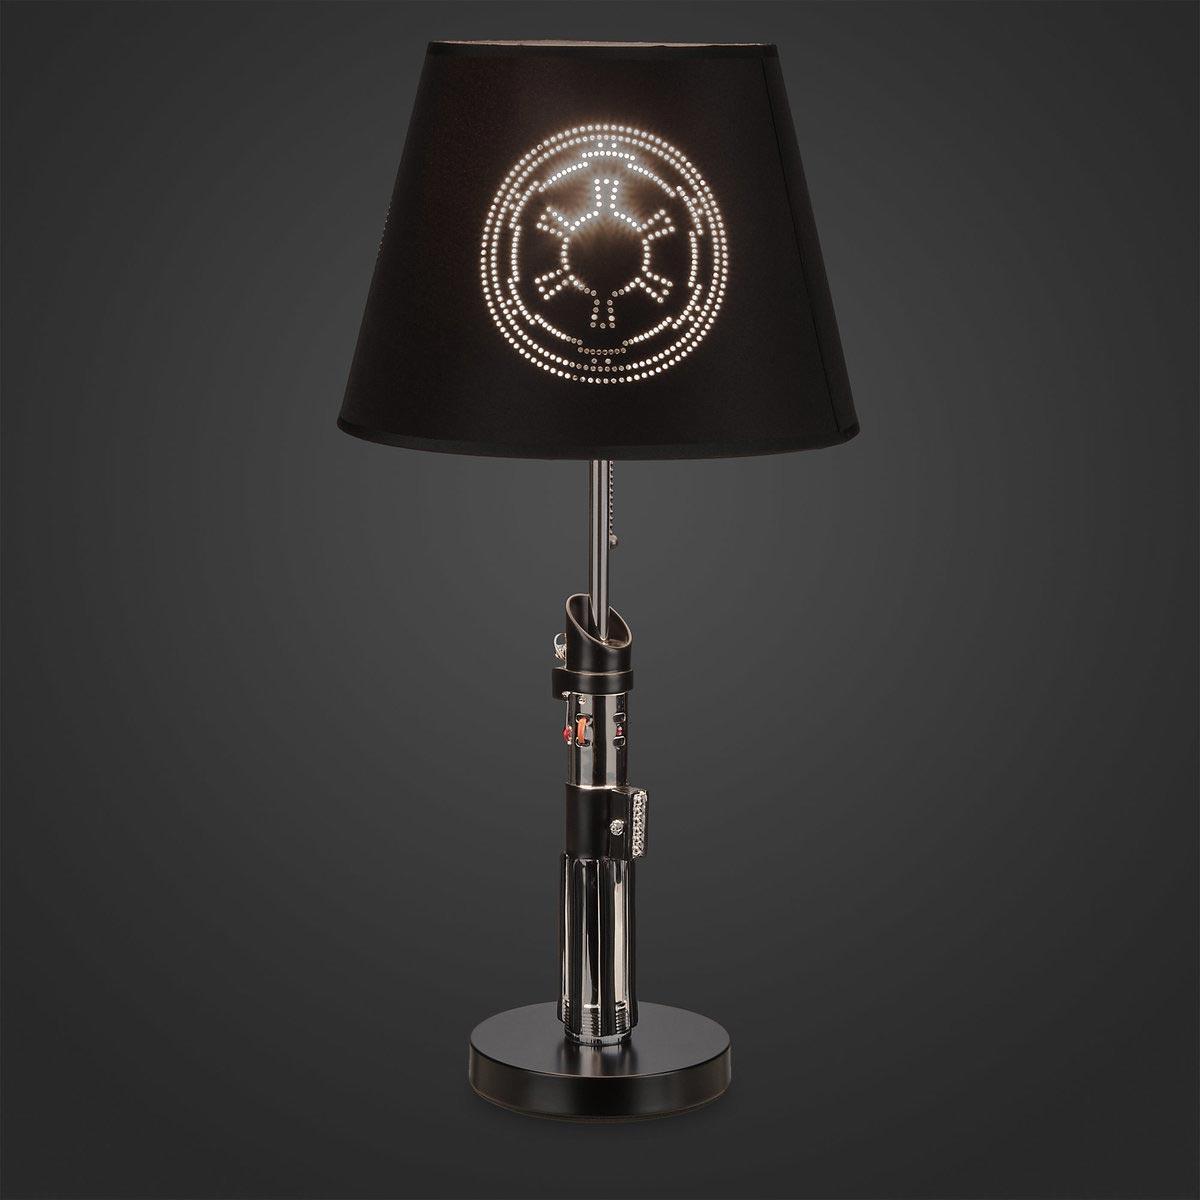 Star Wars Darth Vader Lightsaber Lamp